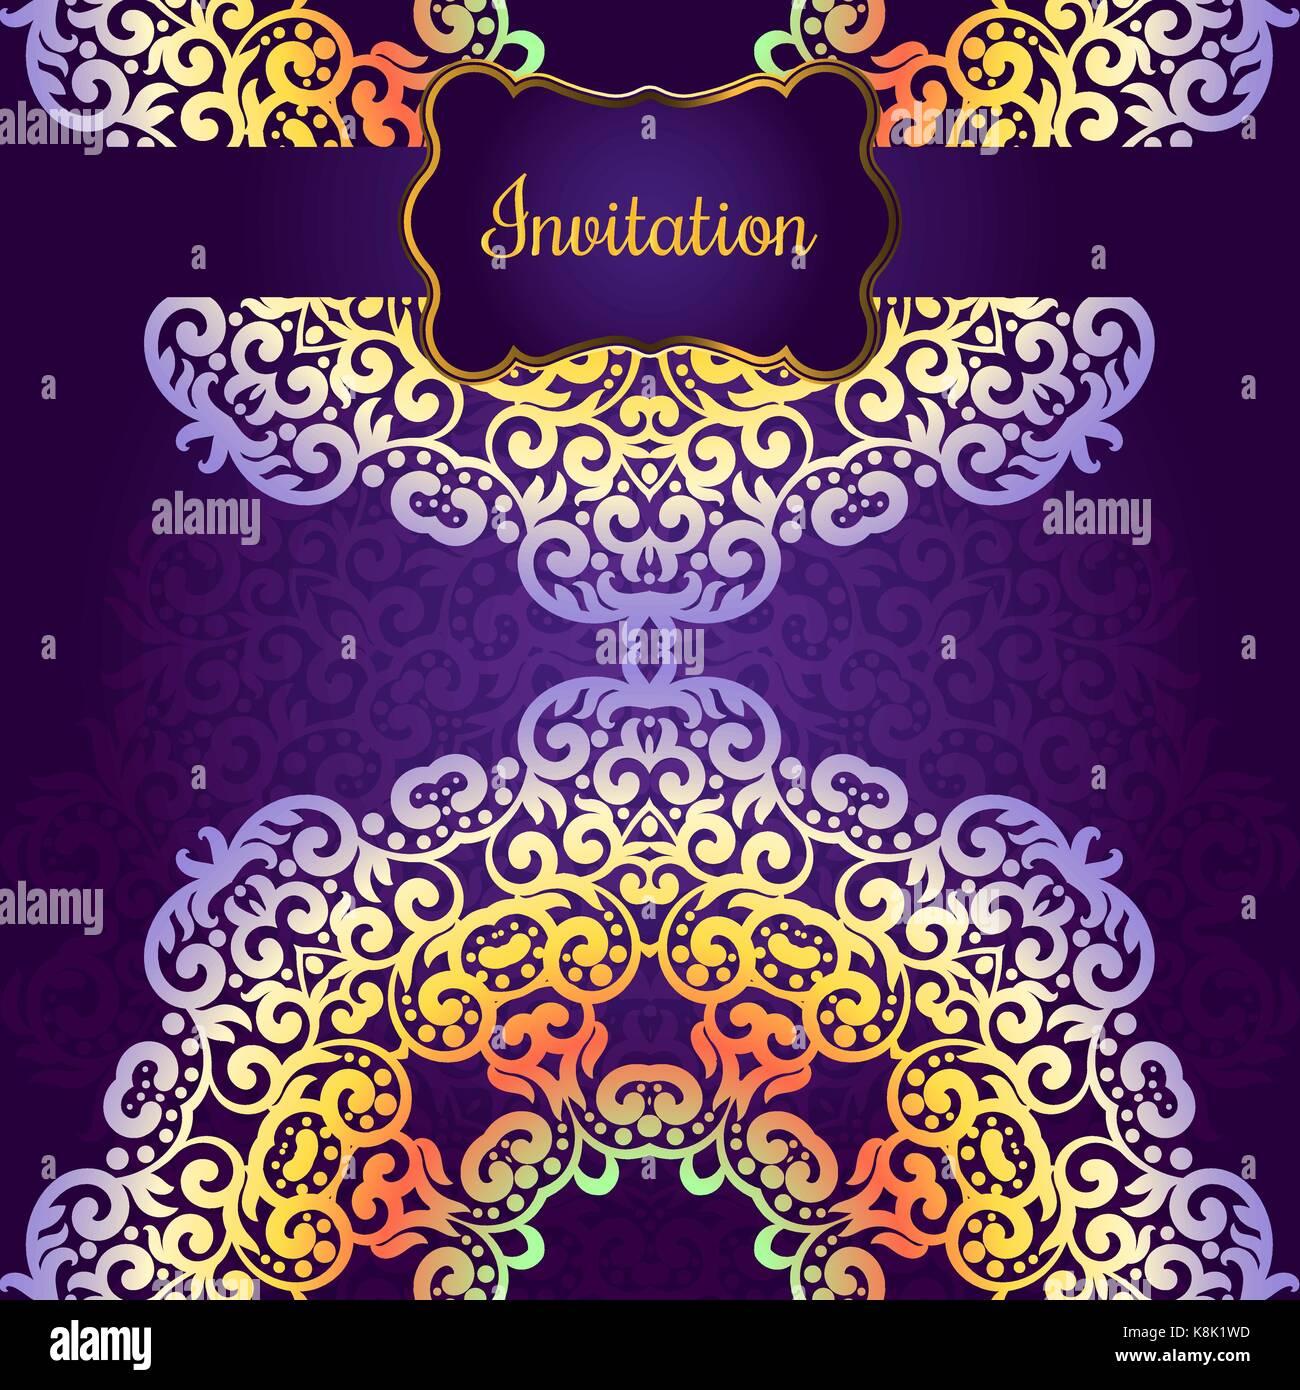 Wedding invitation delicate swirl mandala pattern vector stock wedding invitation delicate swirl mandala pattern vector background card or invitation vintage decorative elements soft colorful background isla stopboris Choice Image